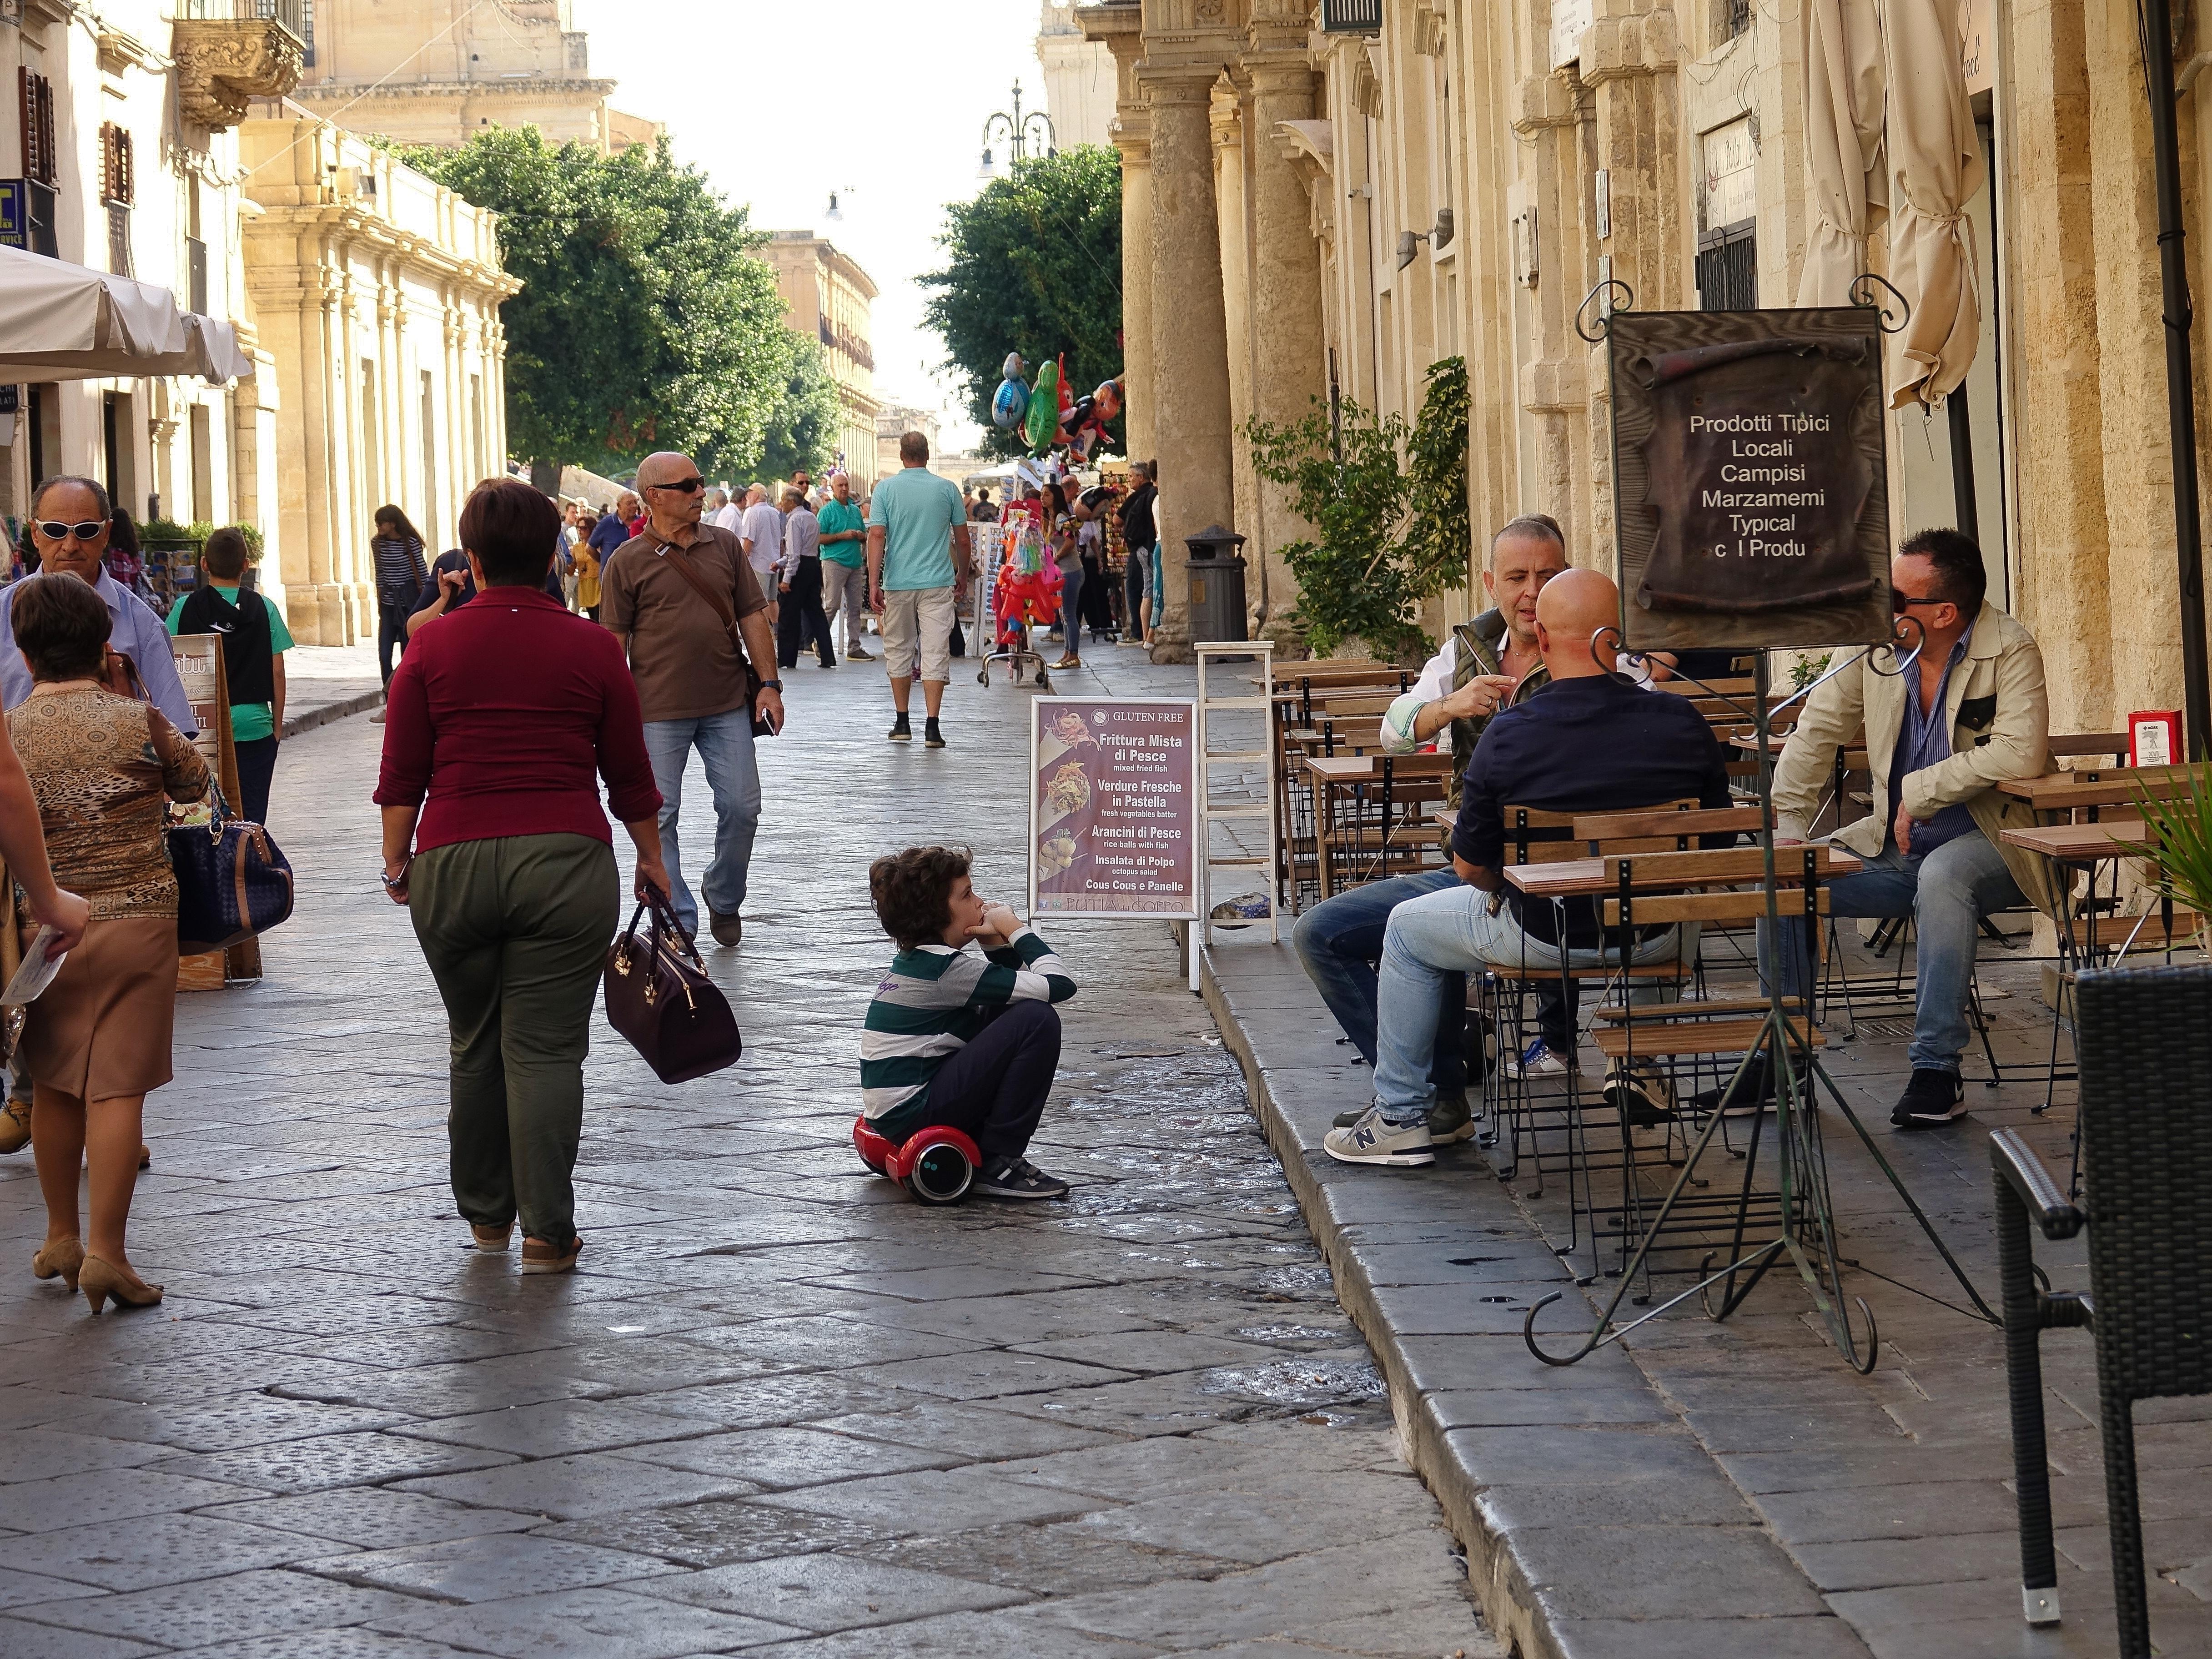 Street scene in Noto